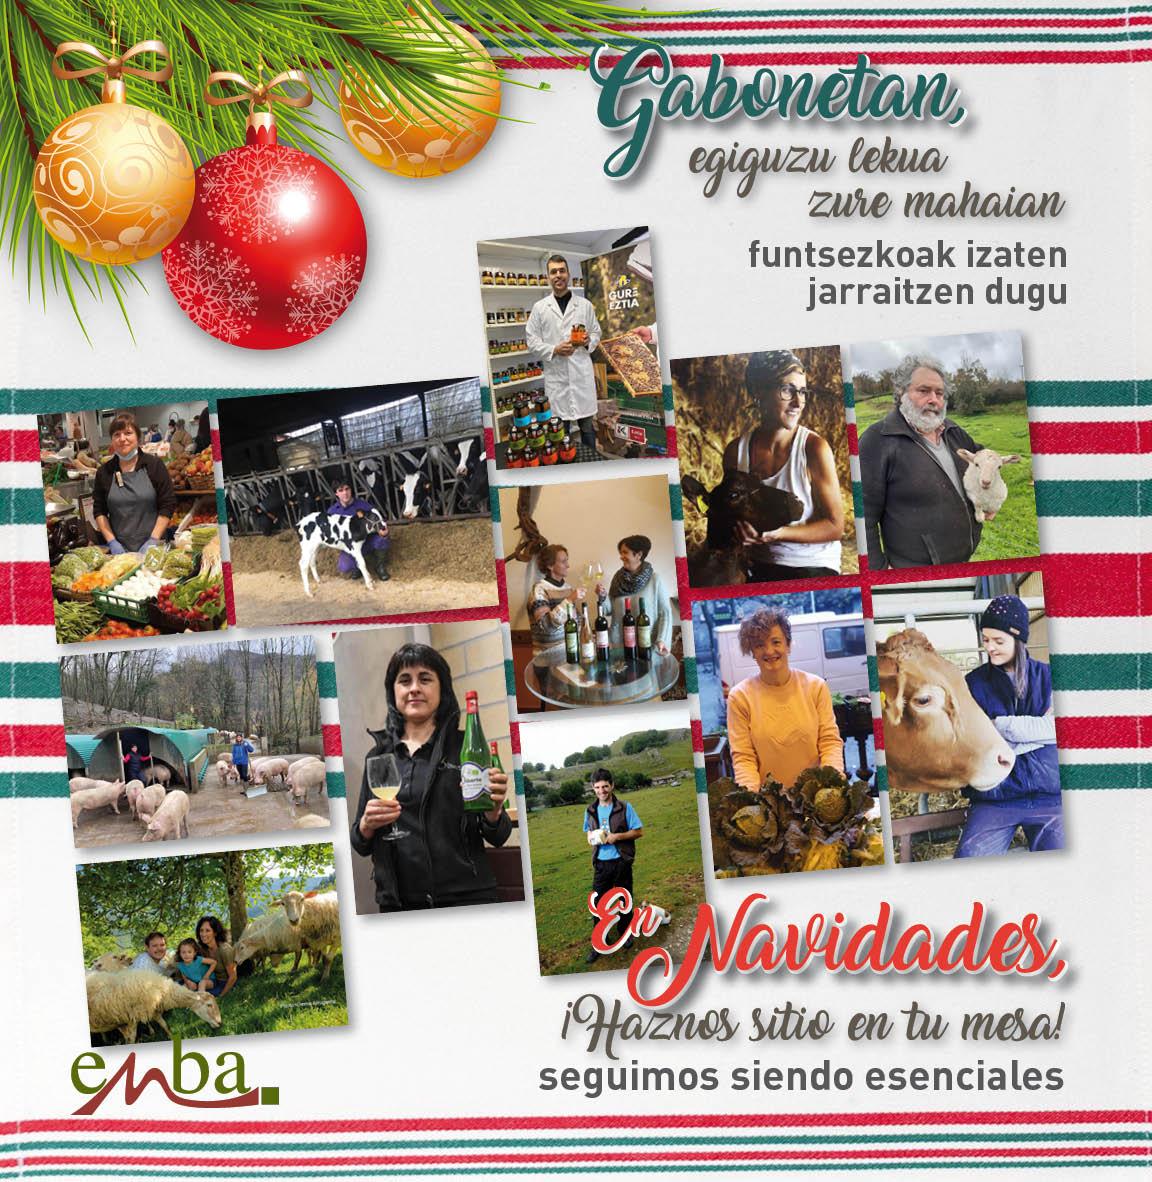 """ENBA presenta la campaña """"En NAVIDADES, ¡HAZNOS SITIO EN TU MESA!"""""""